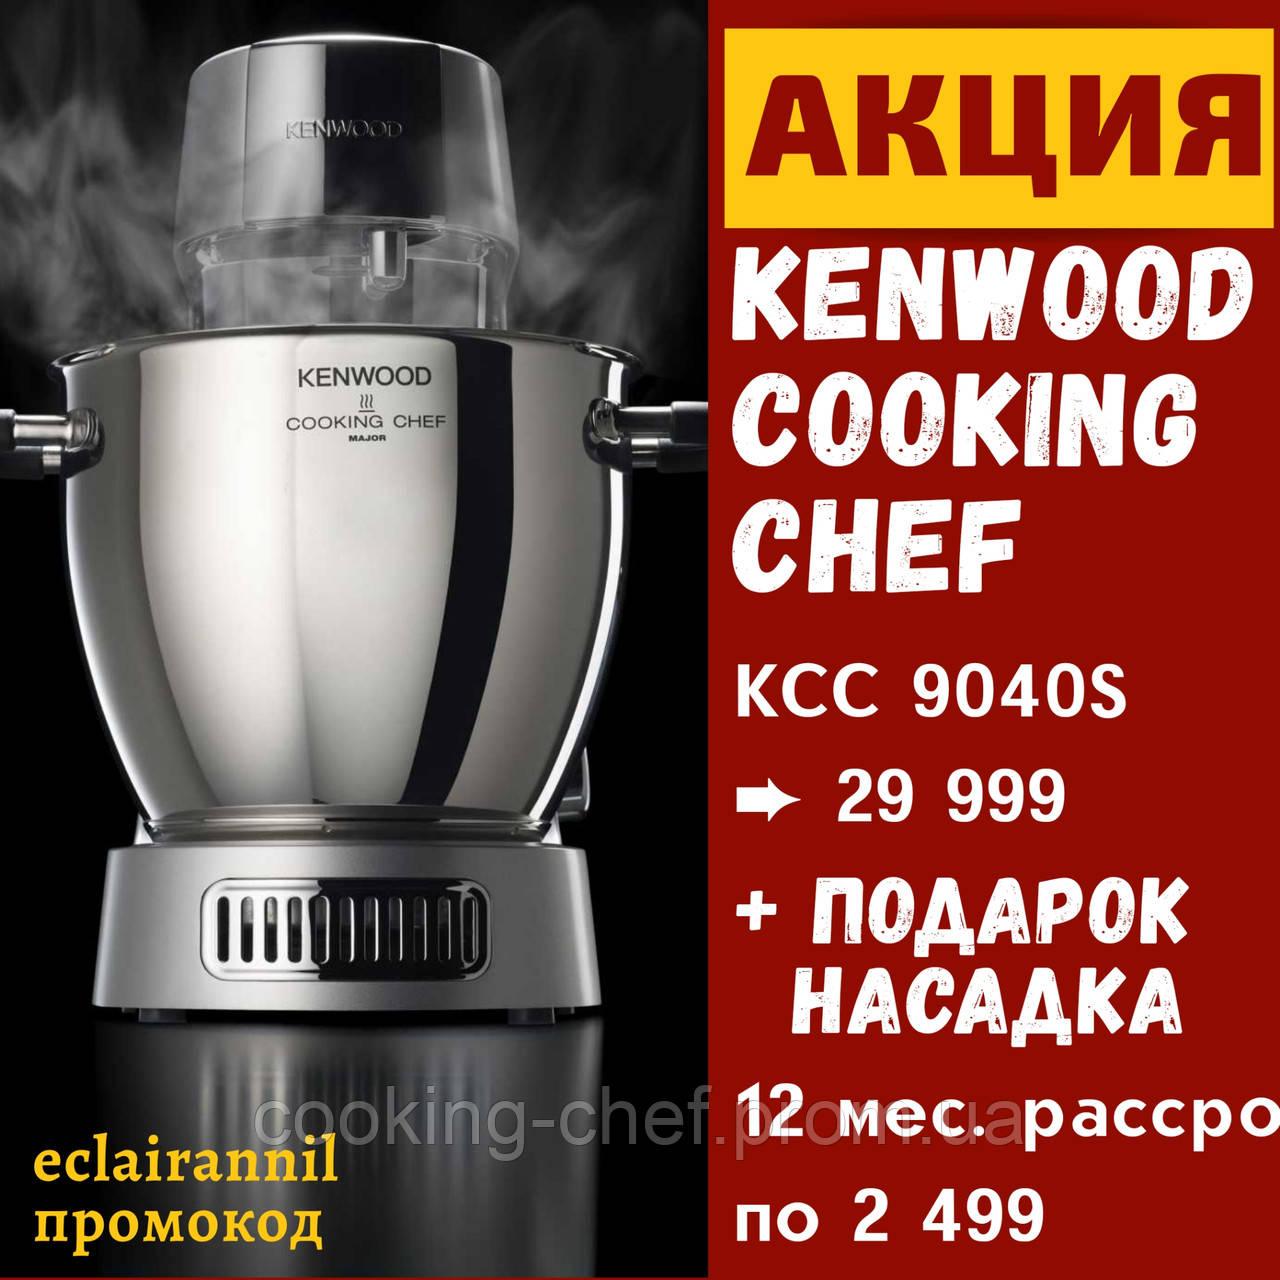 Kenwood COOKING CHEF 3 насадки в ПОДАРОК к модели KCC9040S, KCC9060S за 31 599гр. Оплата при получении товара